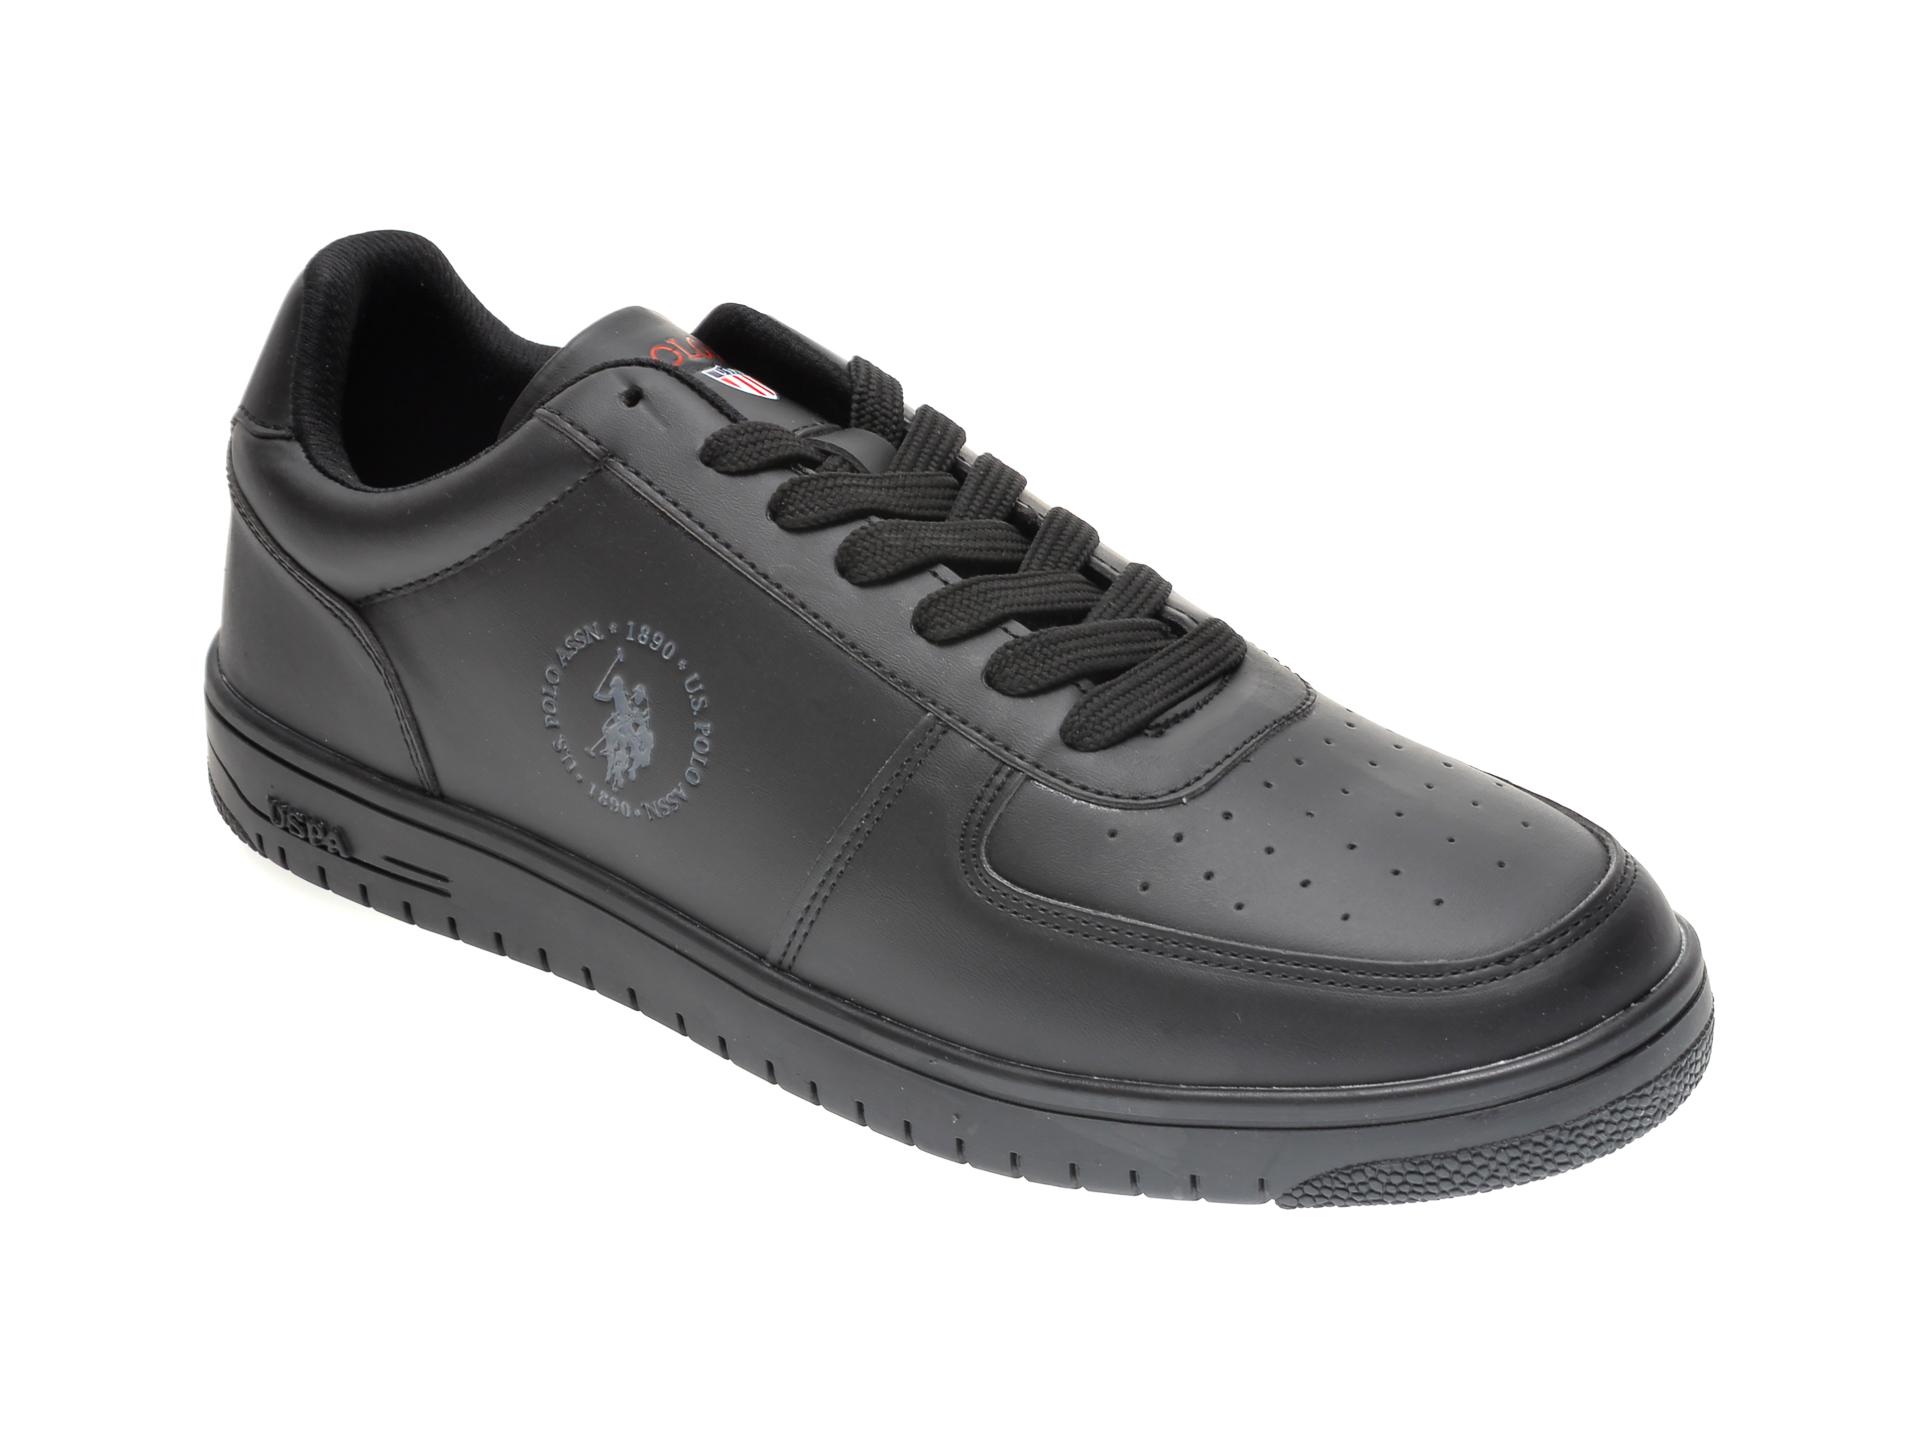 Pantofi sport US POLO ASSN negri, 281470, din piele ecologica imagine